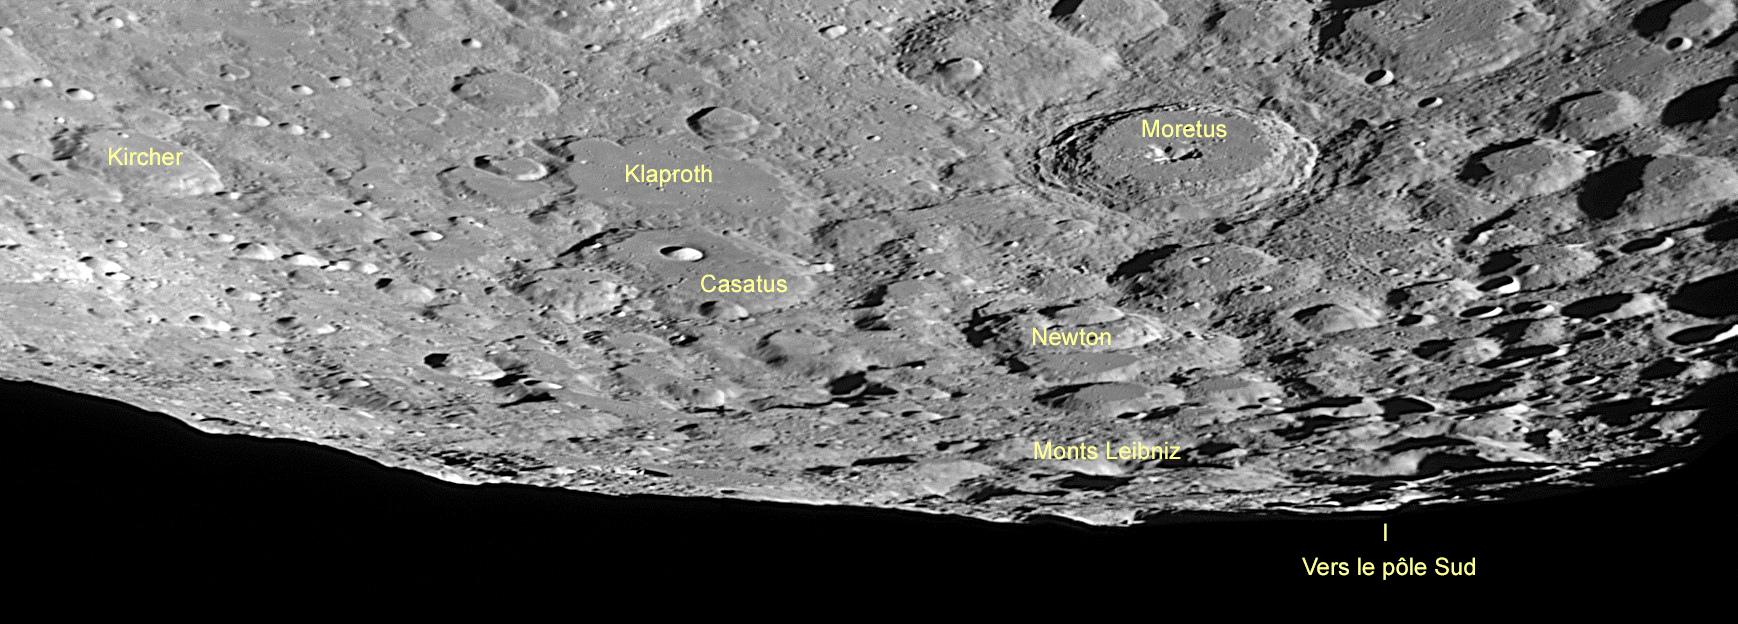 Moretus pôle sud 2008_10_19